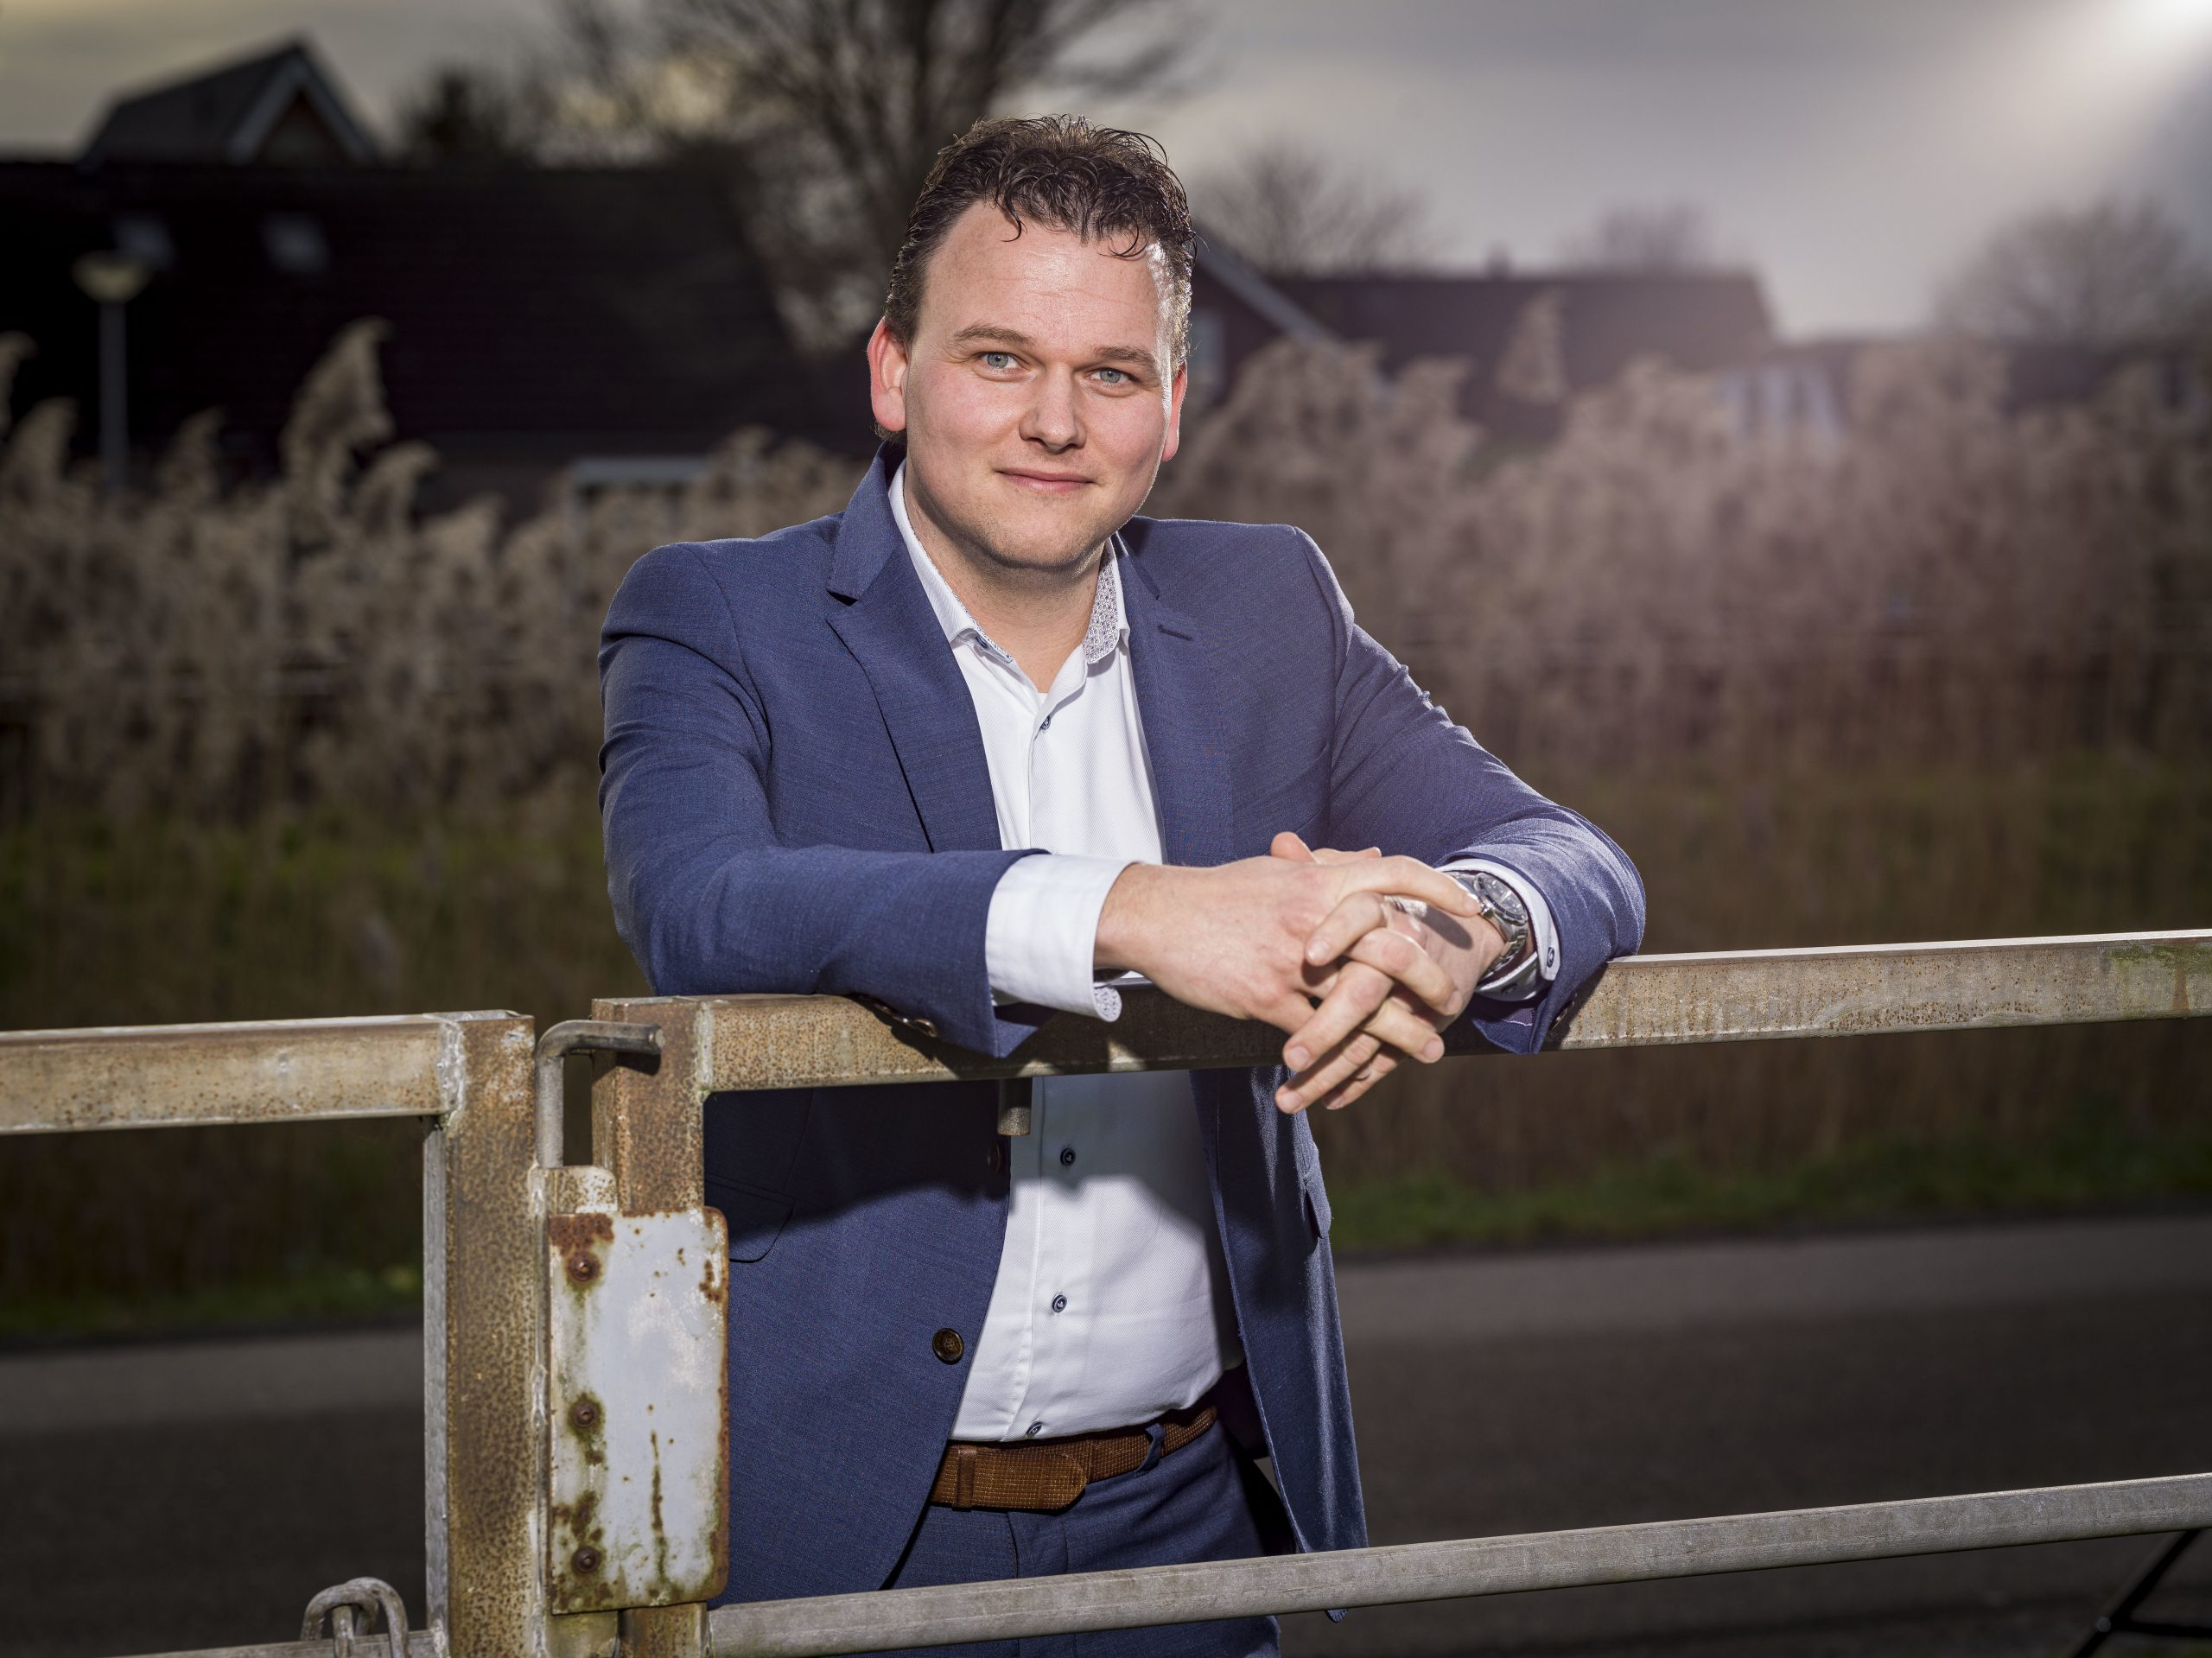 Robert van Doorn